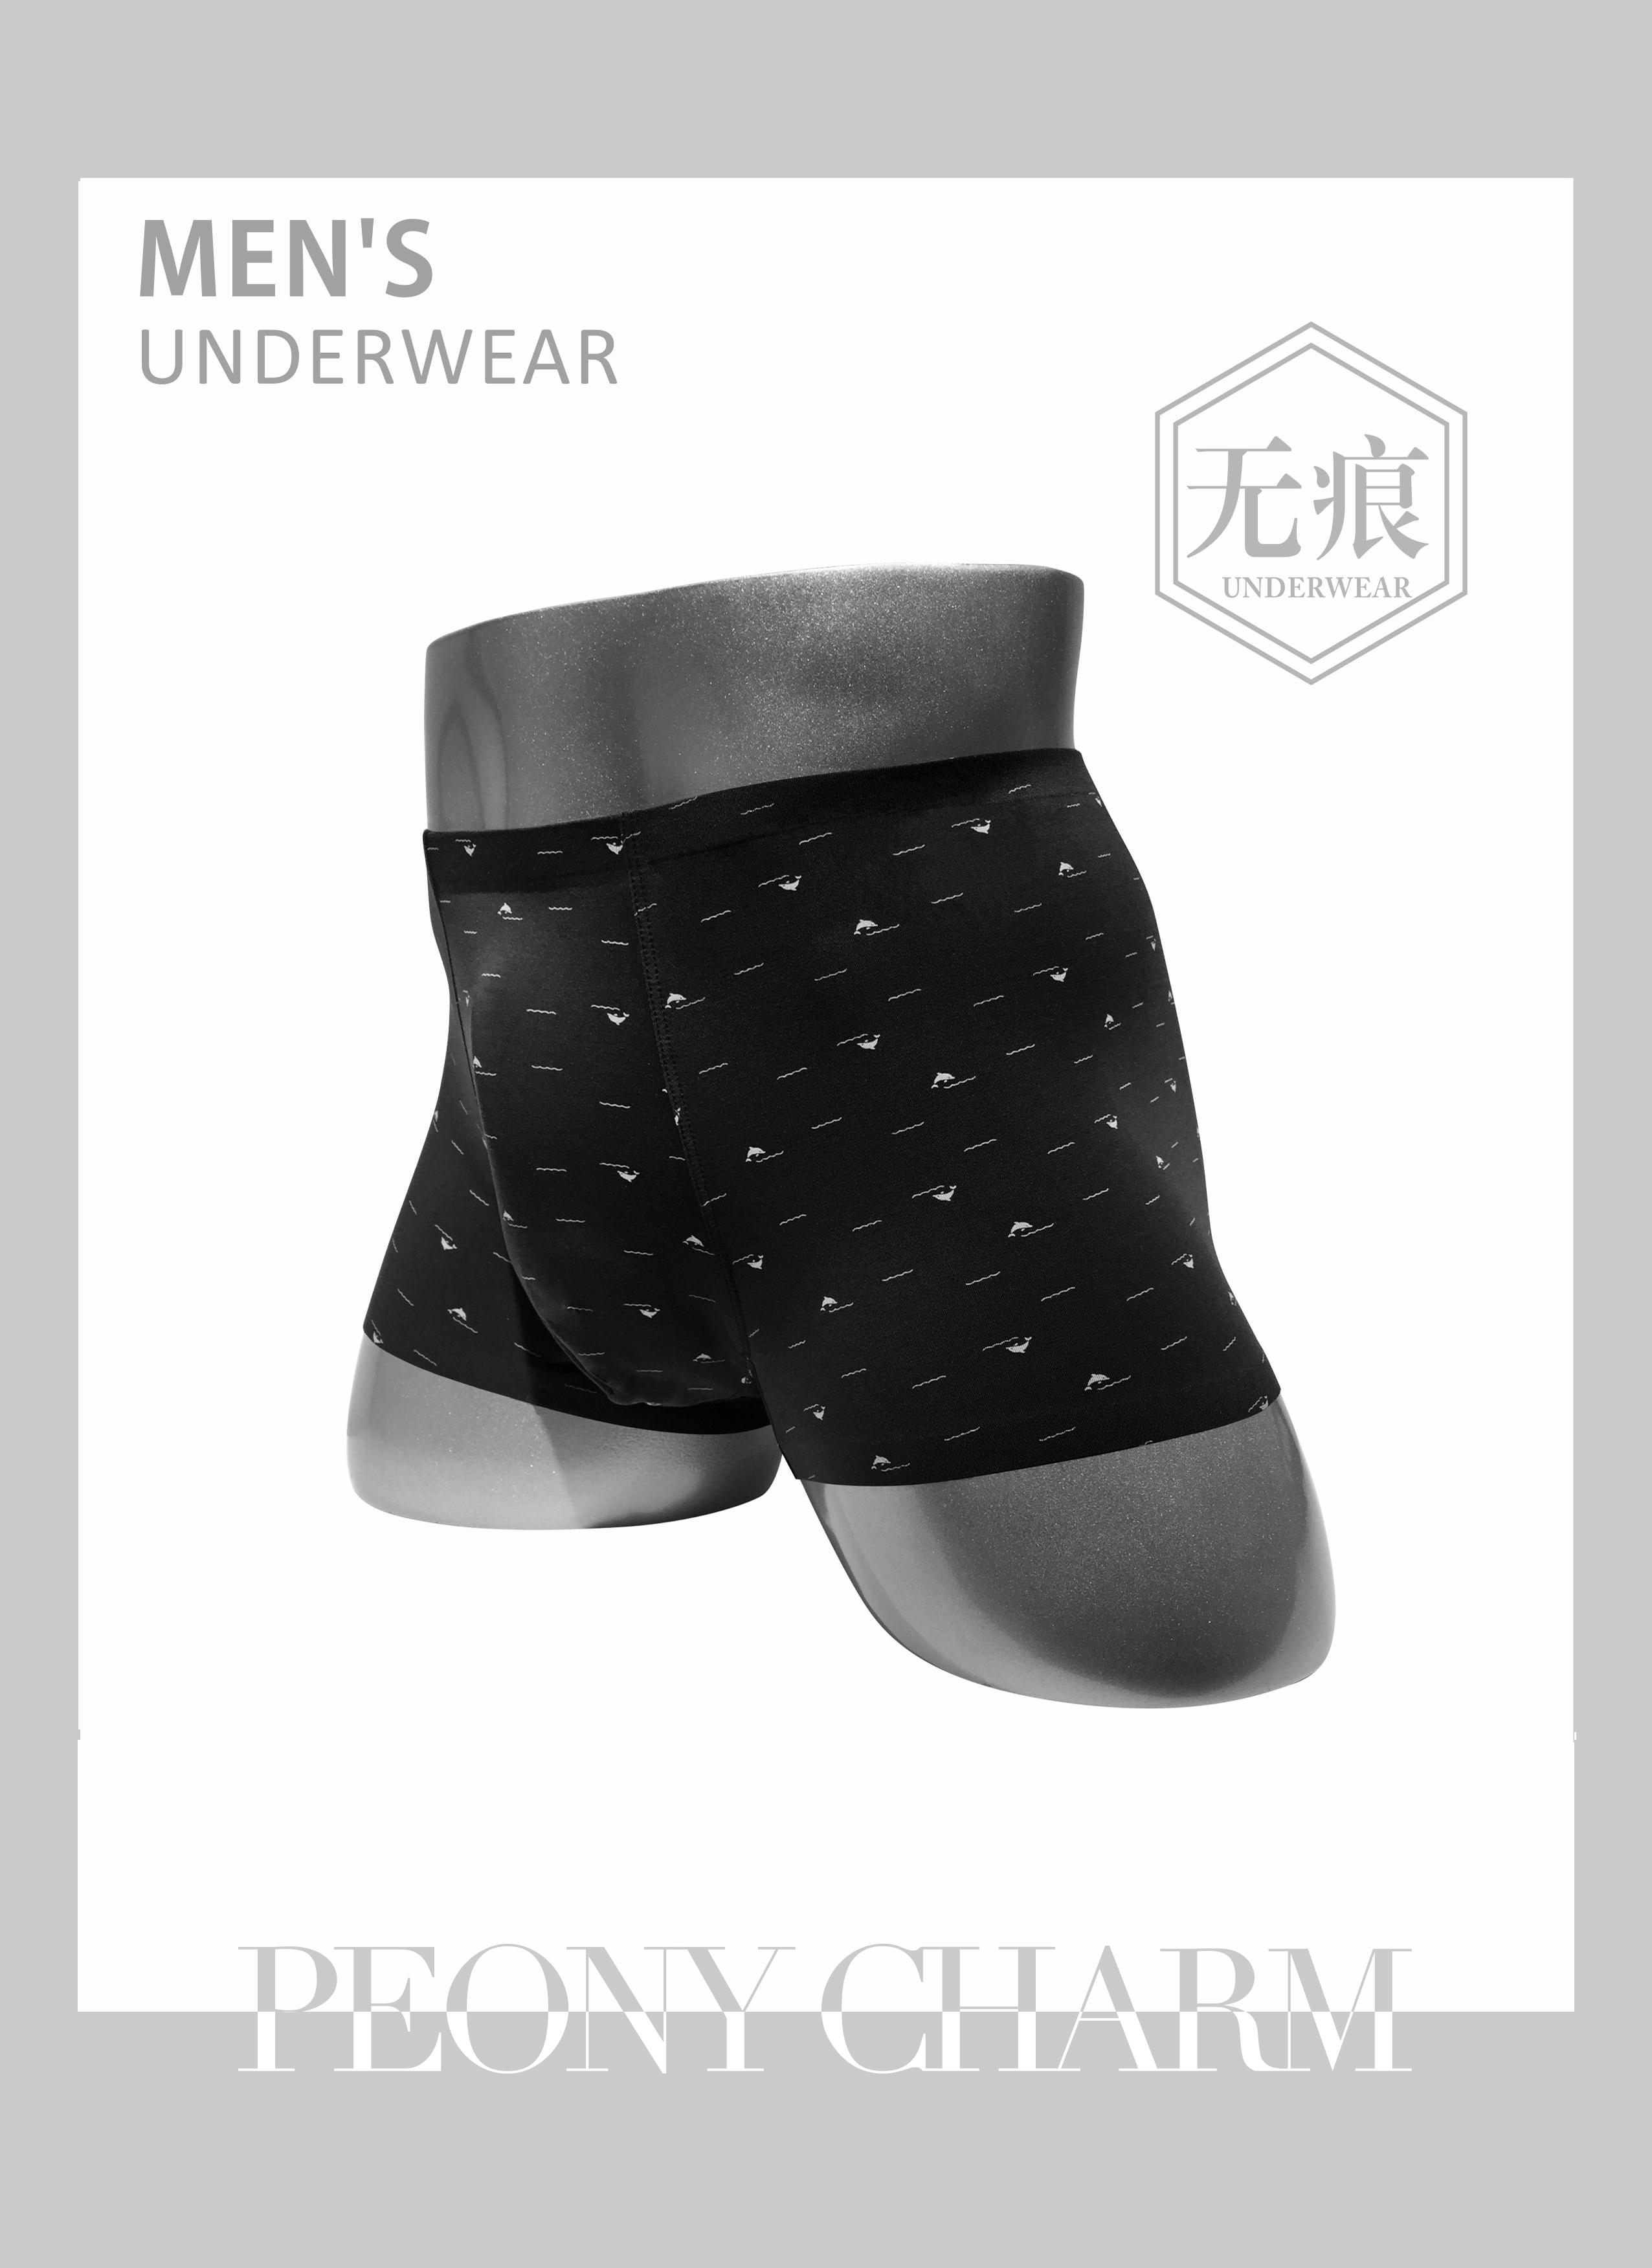 新款男士内裤图片-8